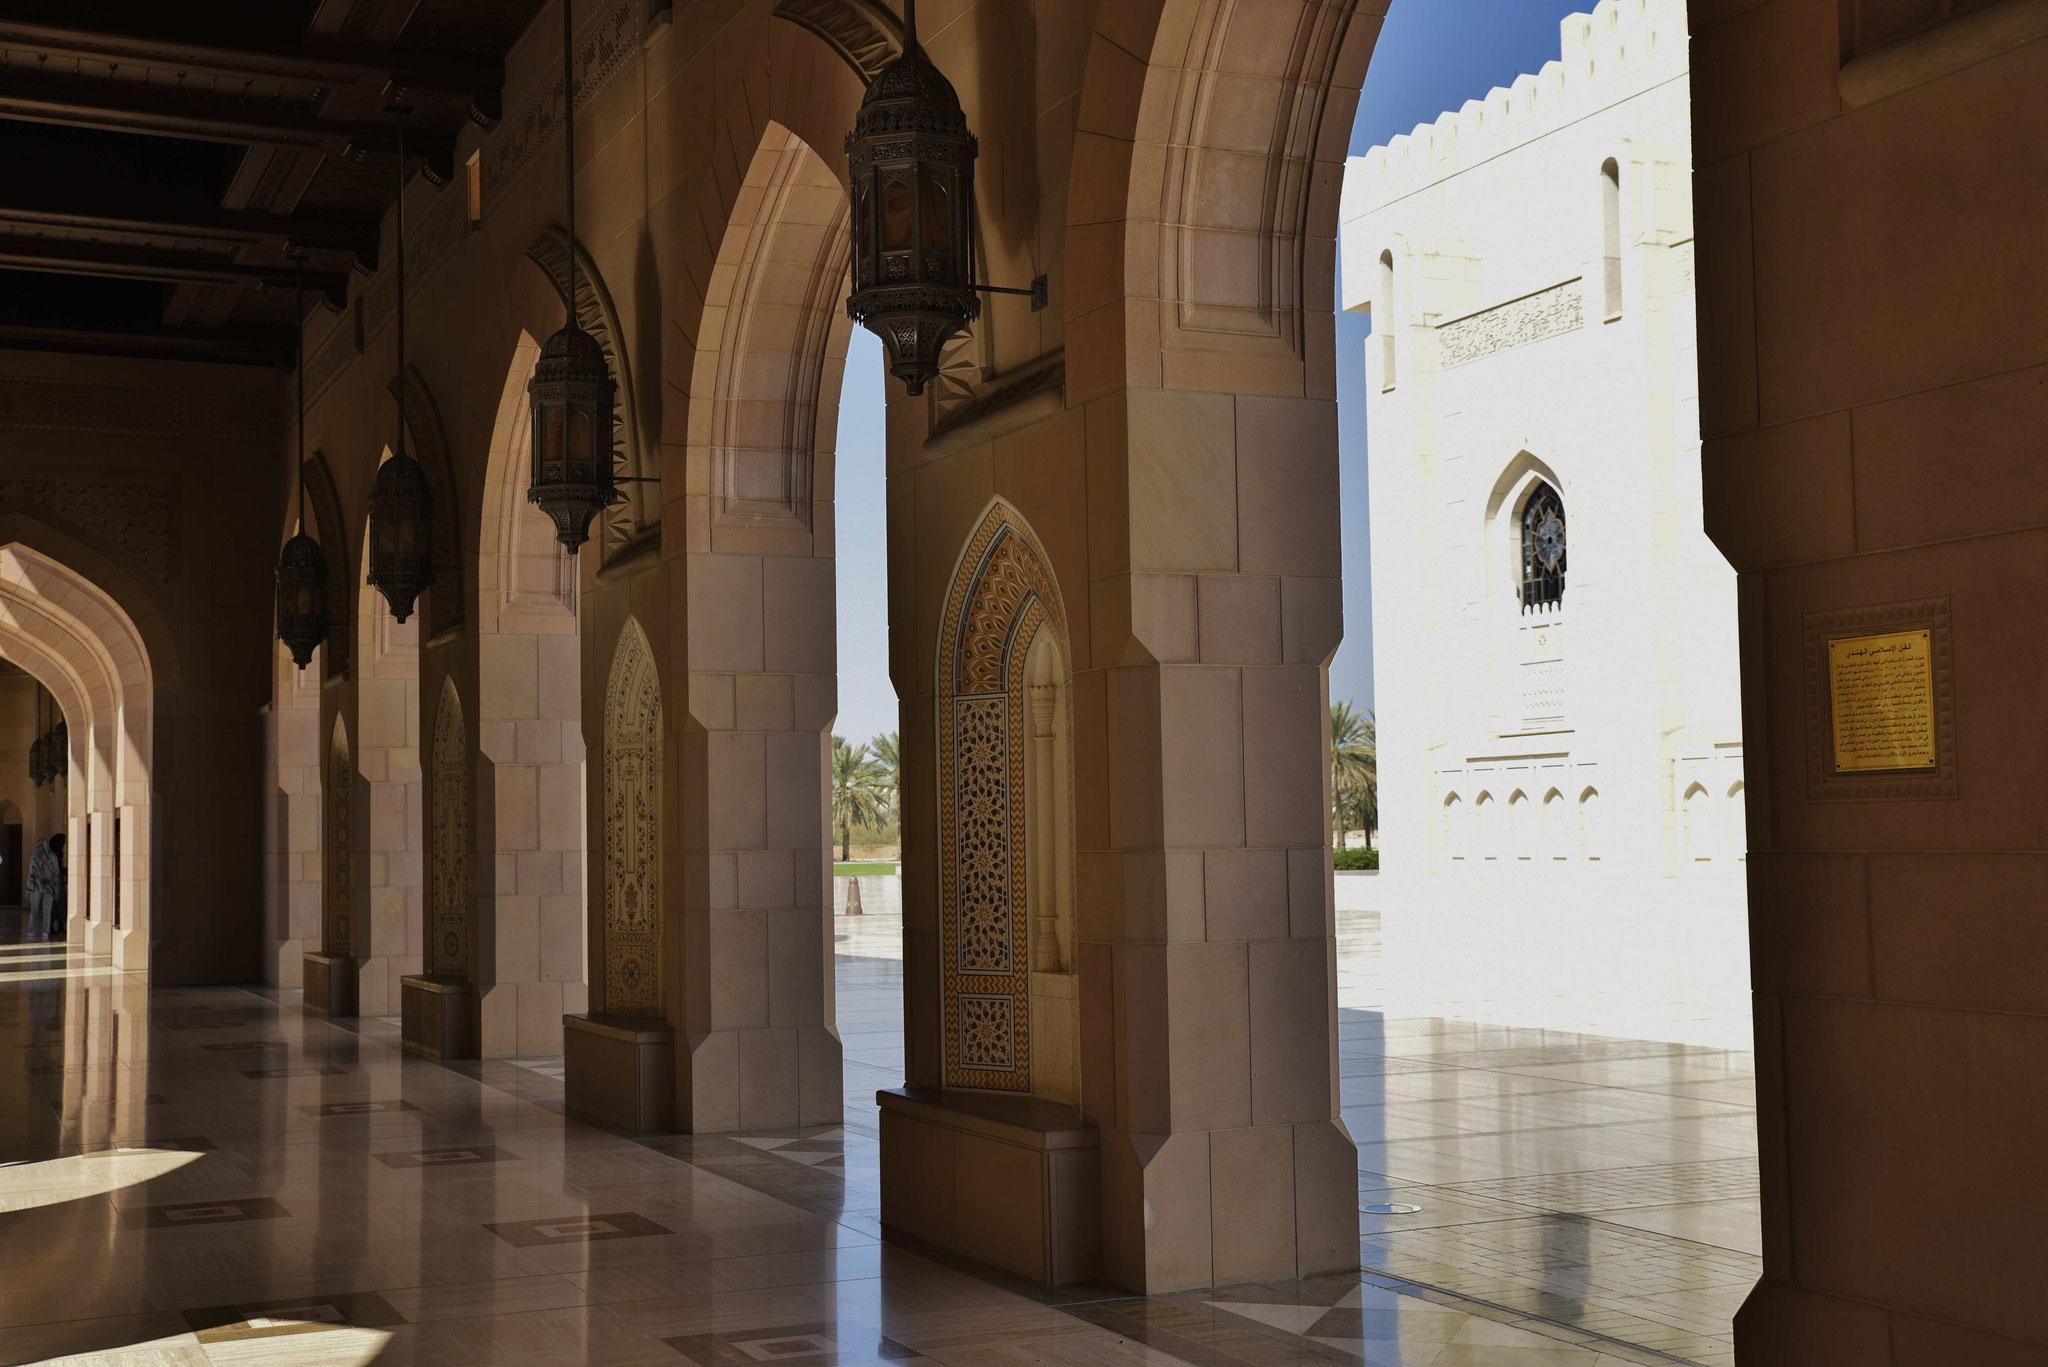 Säulengang - jeder in einem anderen muslimischen Stil